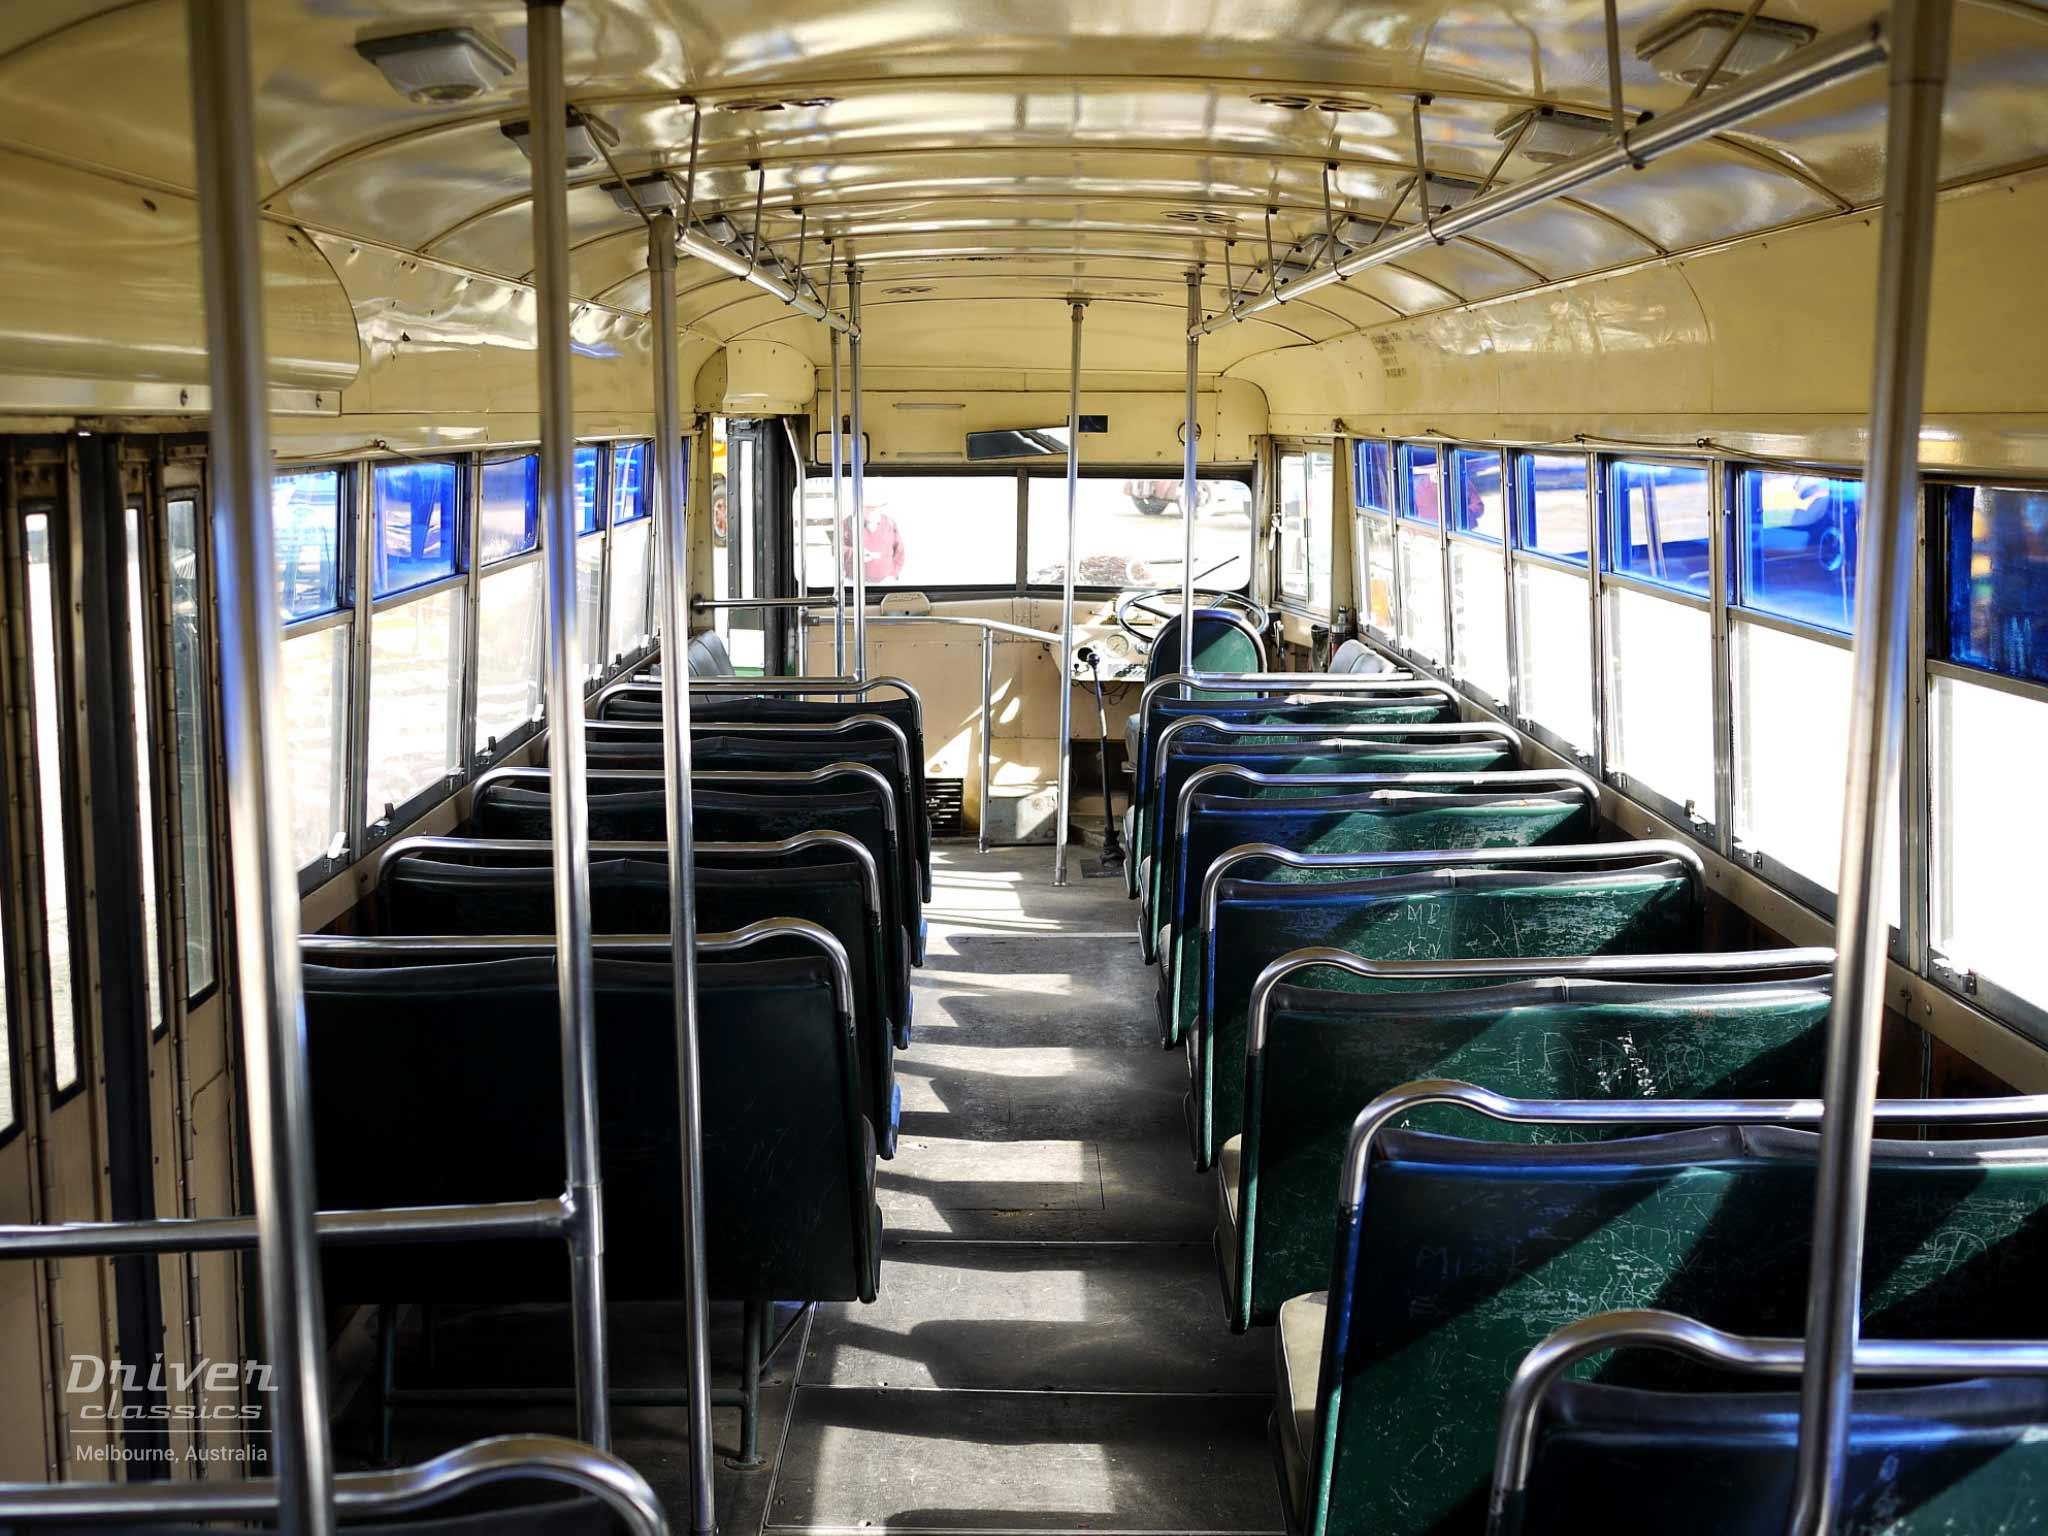 White 798-12 bus, 1948, interior